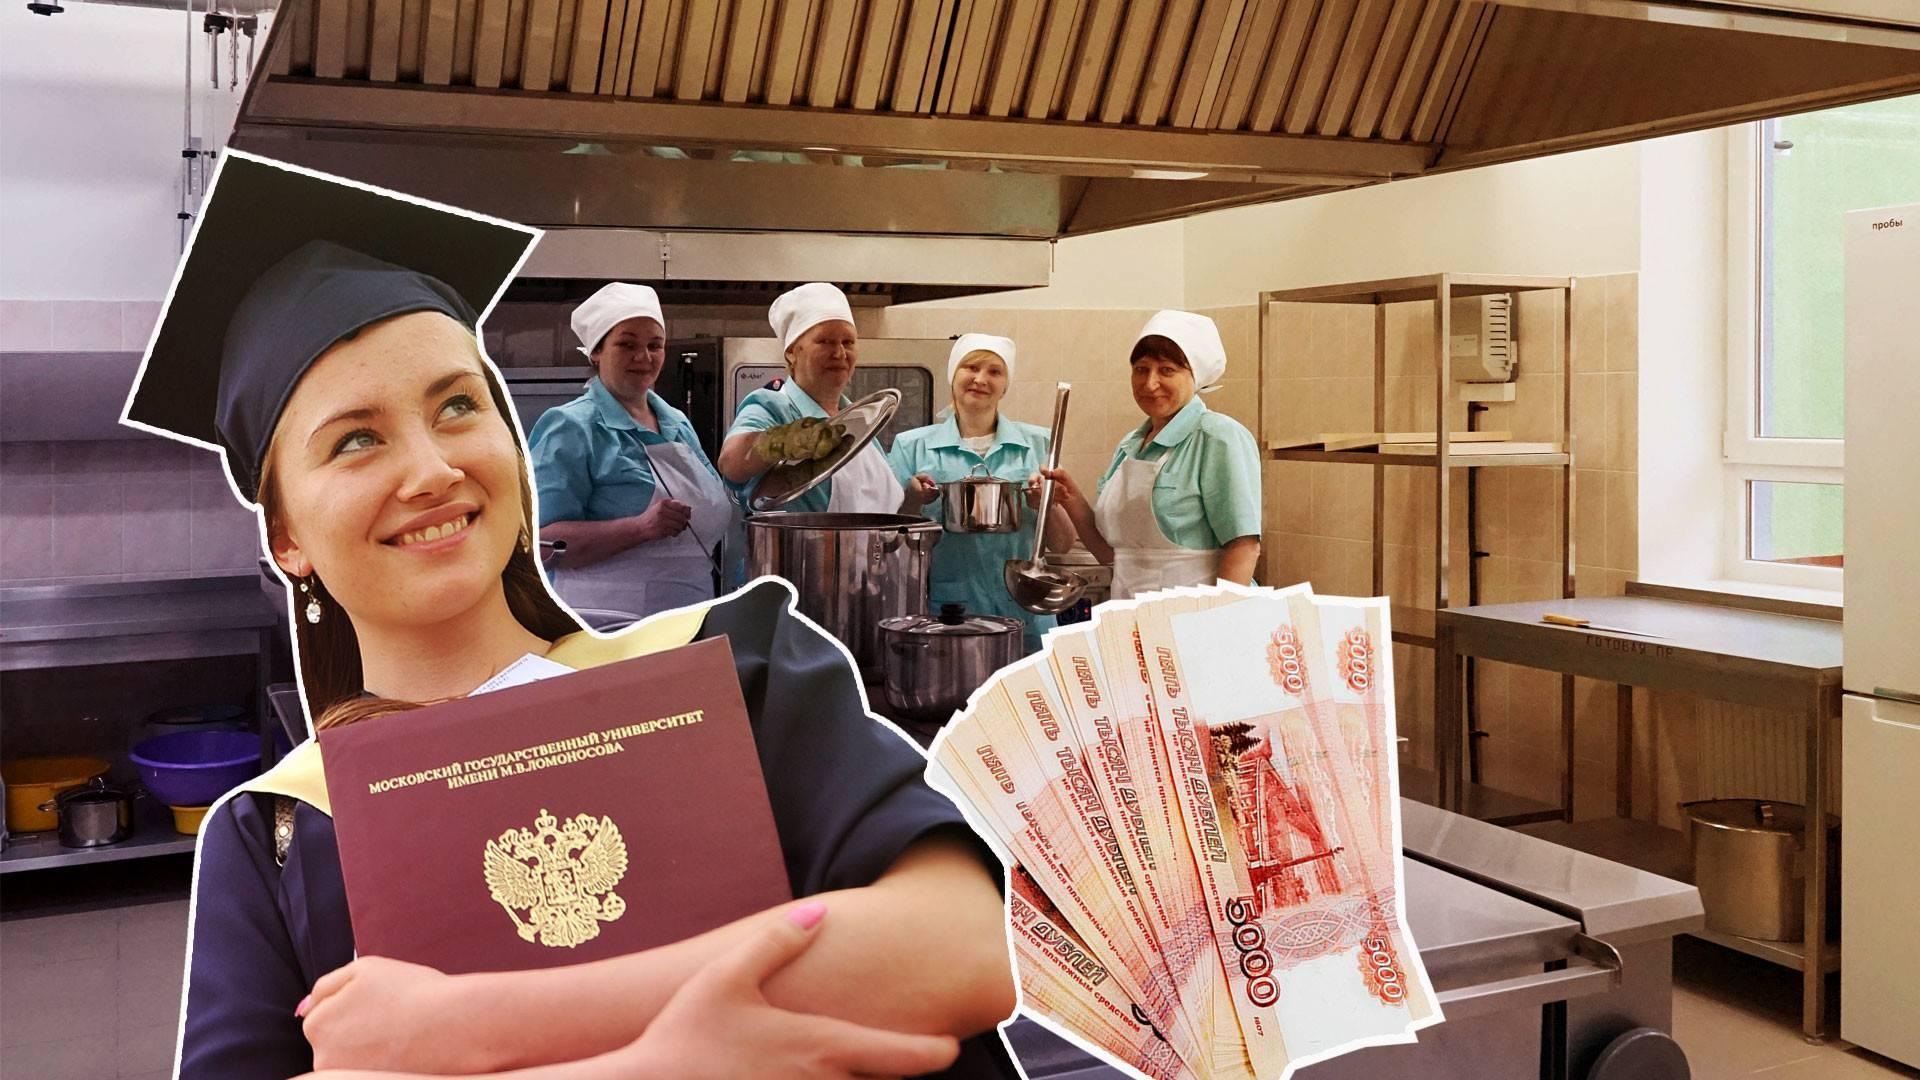 Зарплата врача в германии: средний уровень зарплаты у врачей, медсестер, хирургов, стоматологов в стране